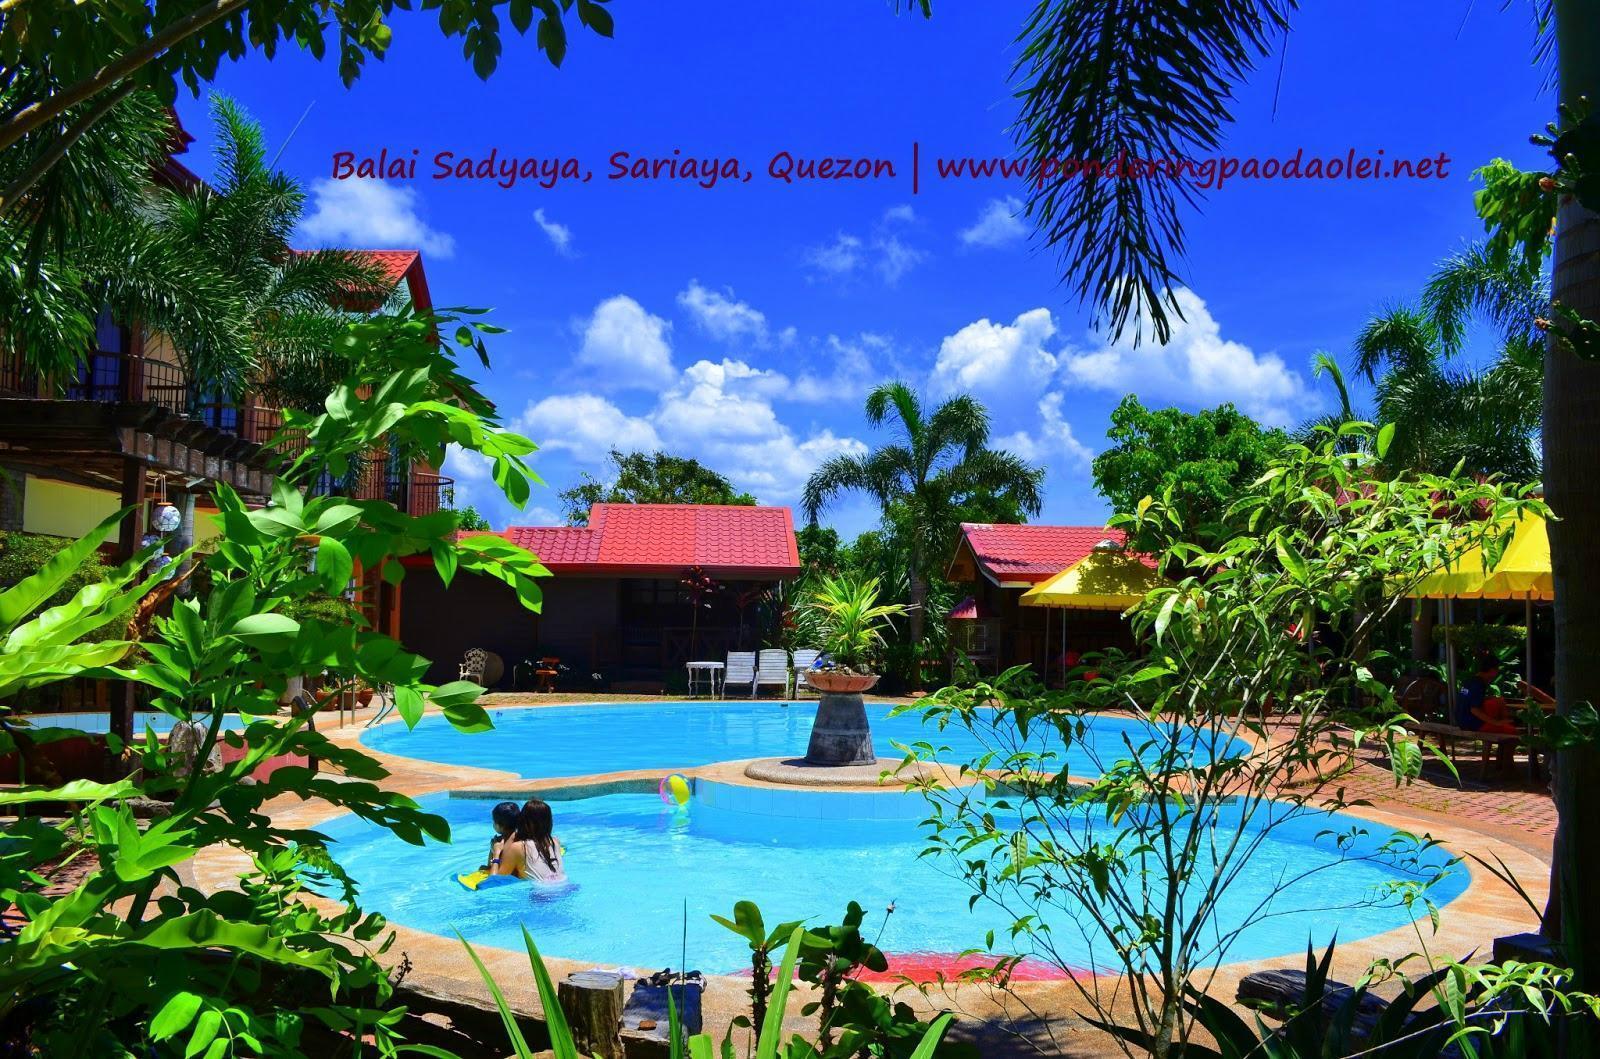 Balai Sadyaya Resort